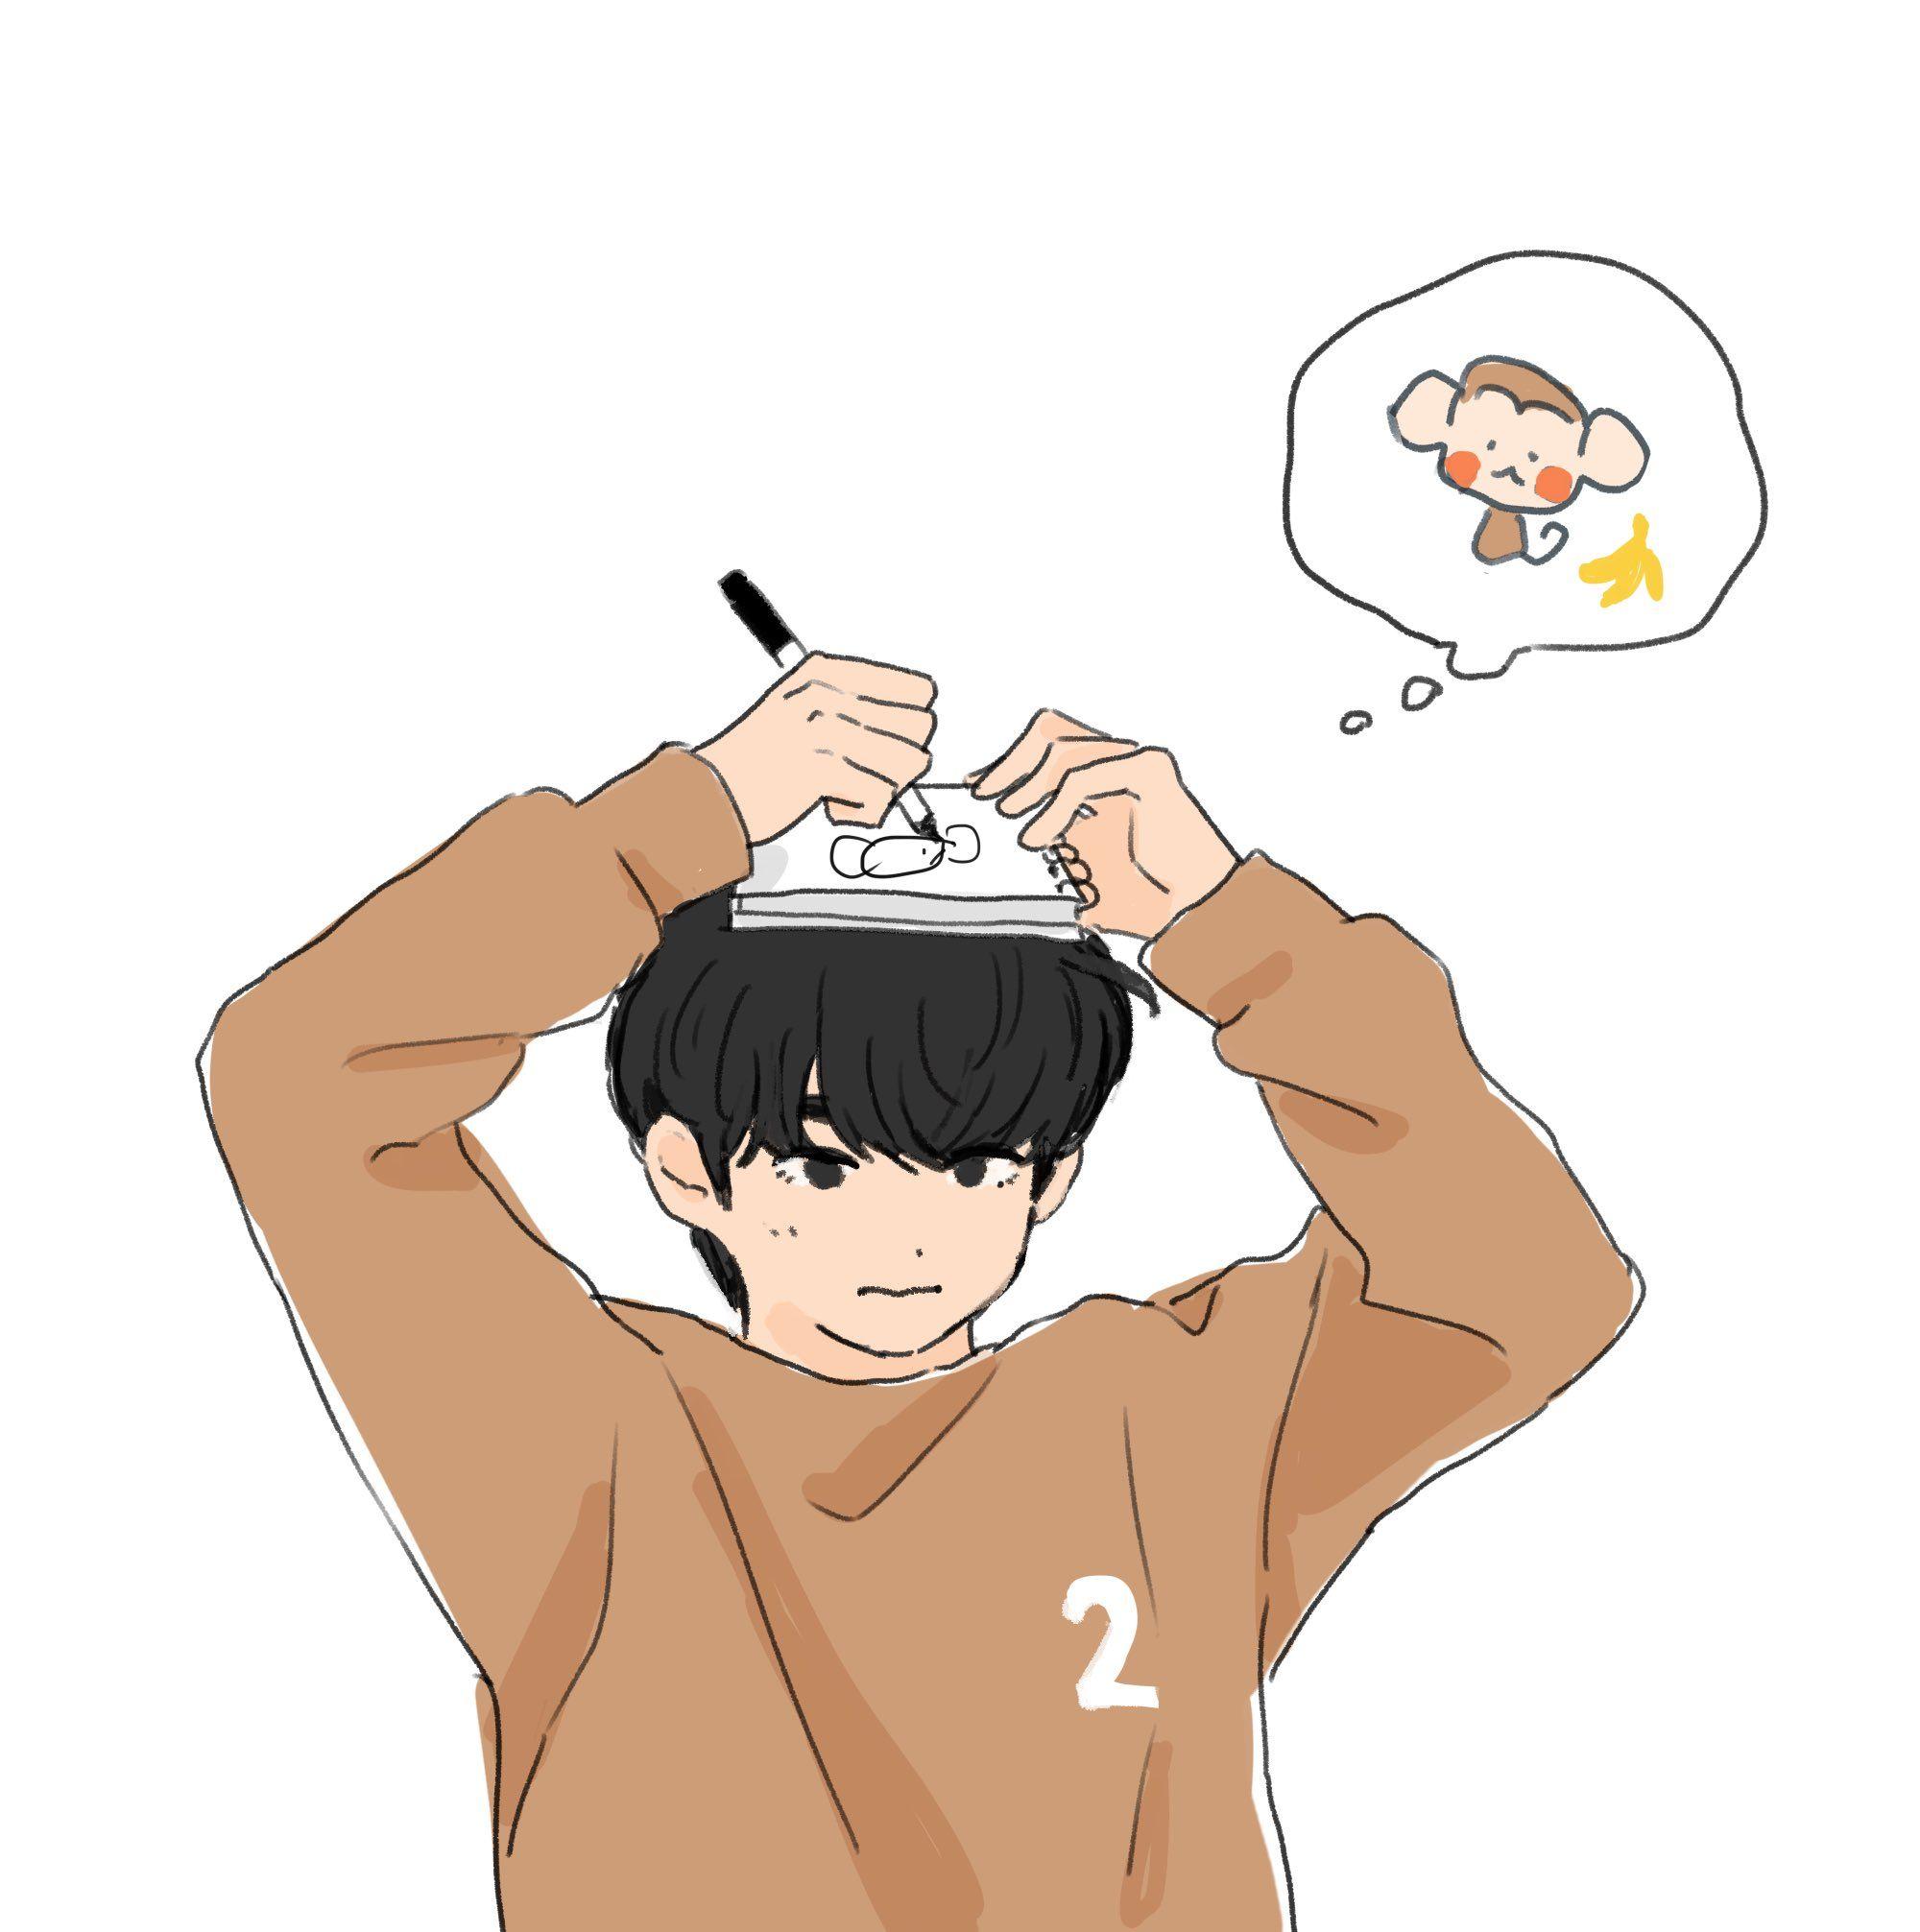 日曜 On Twitter Kpop Fanart Vkook Fanart Cute Drawlings